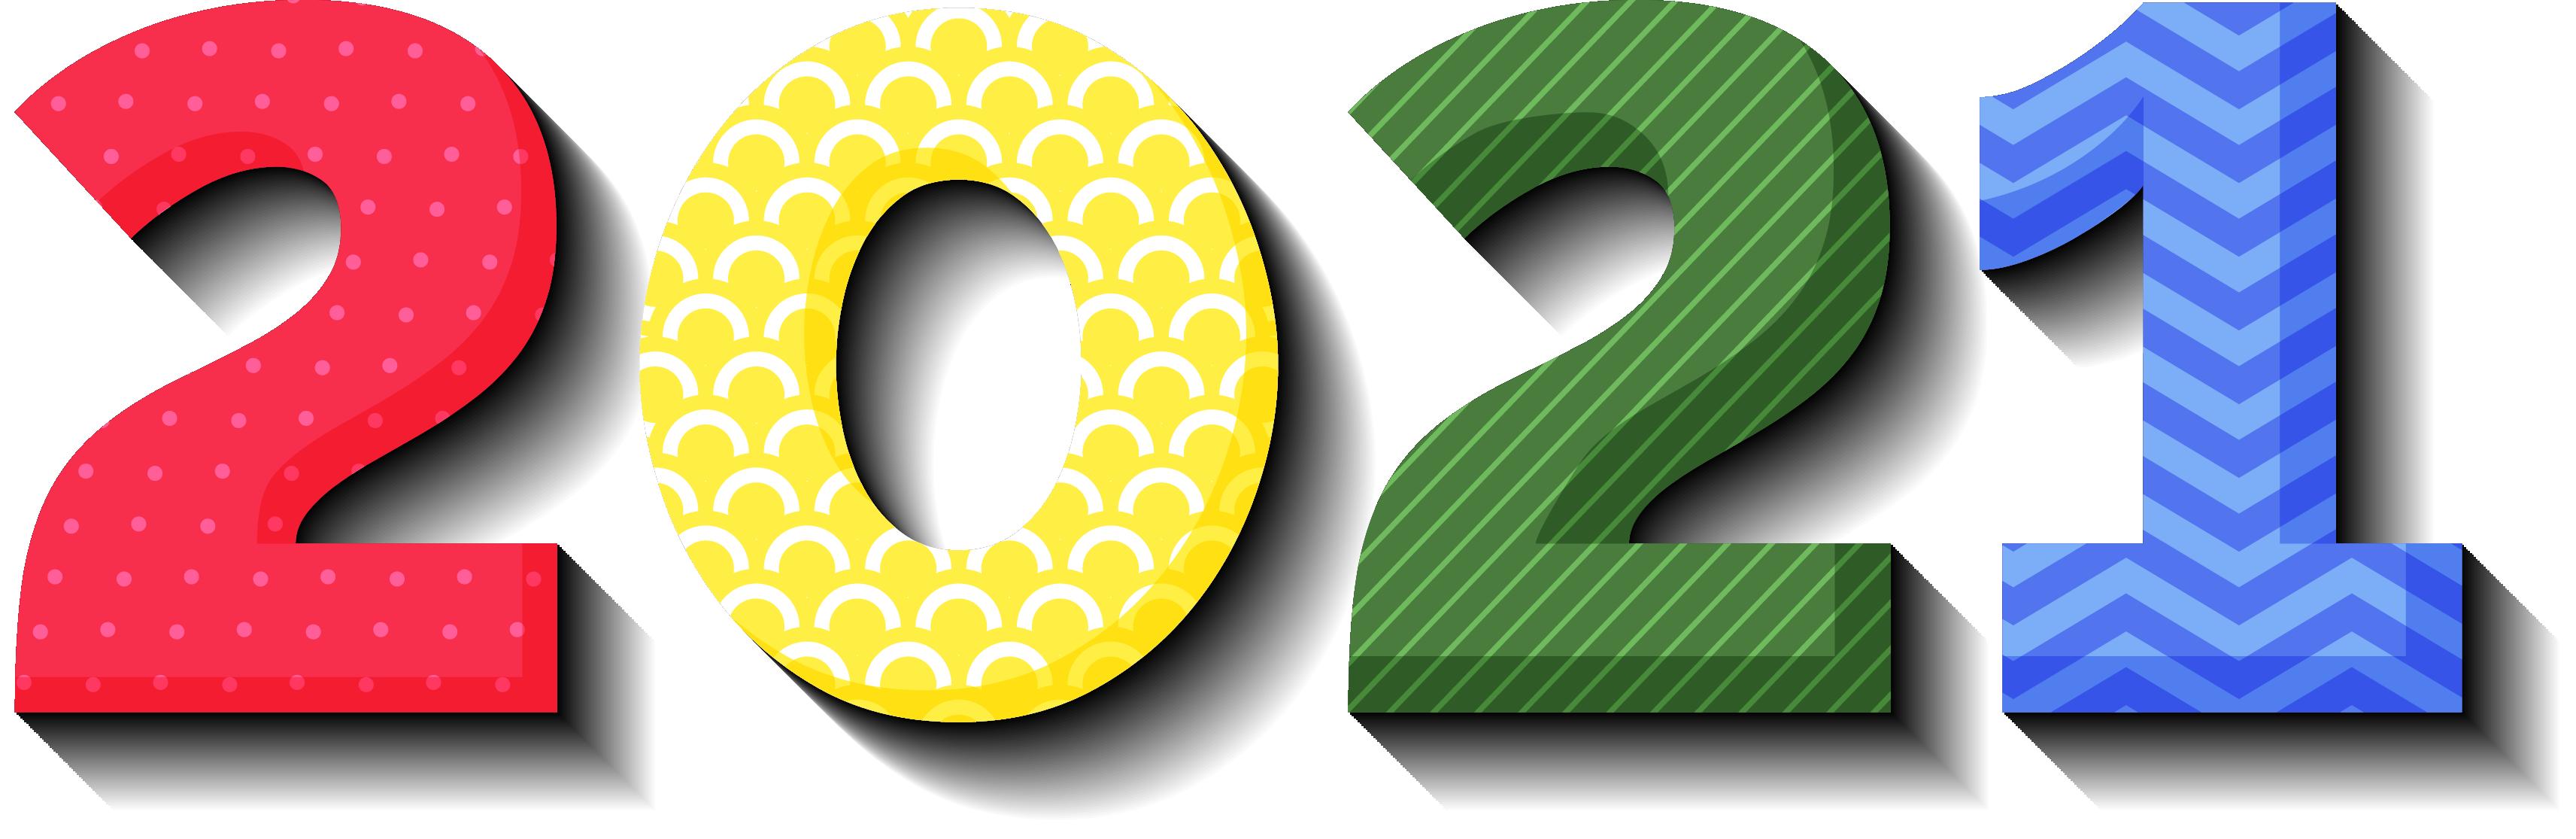 2021 на прозрачном фоне (пнг)– 2021 png